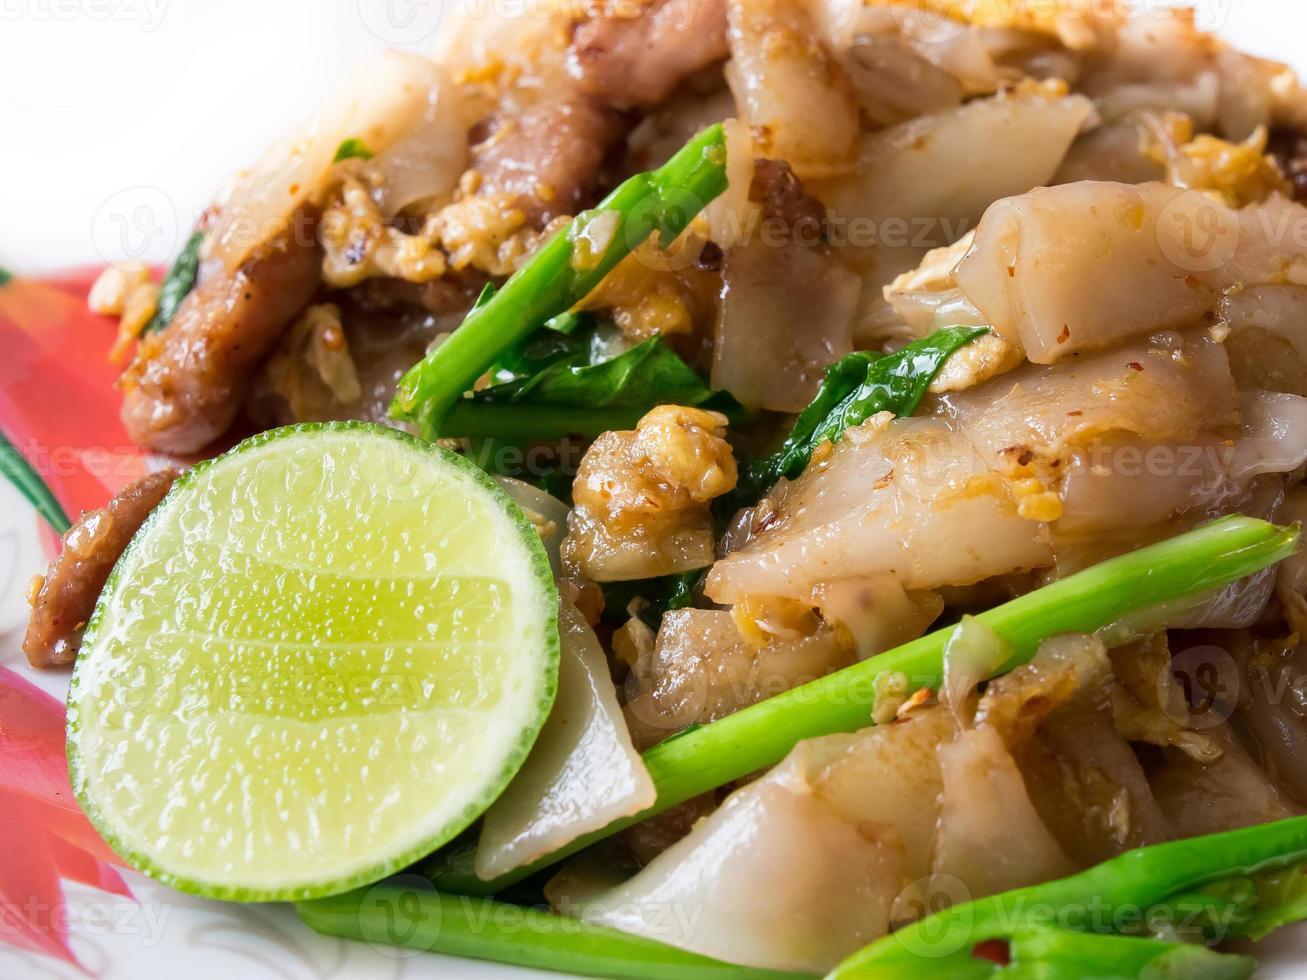 fideos de arroz salteados, es uno de los nacionales de Tailandia foto